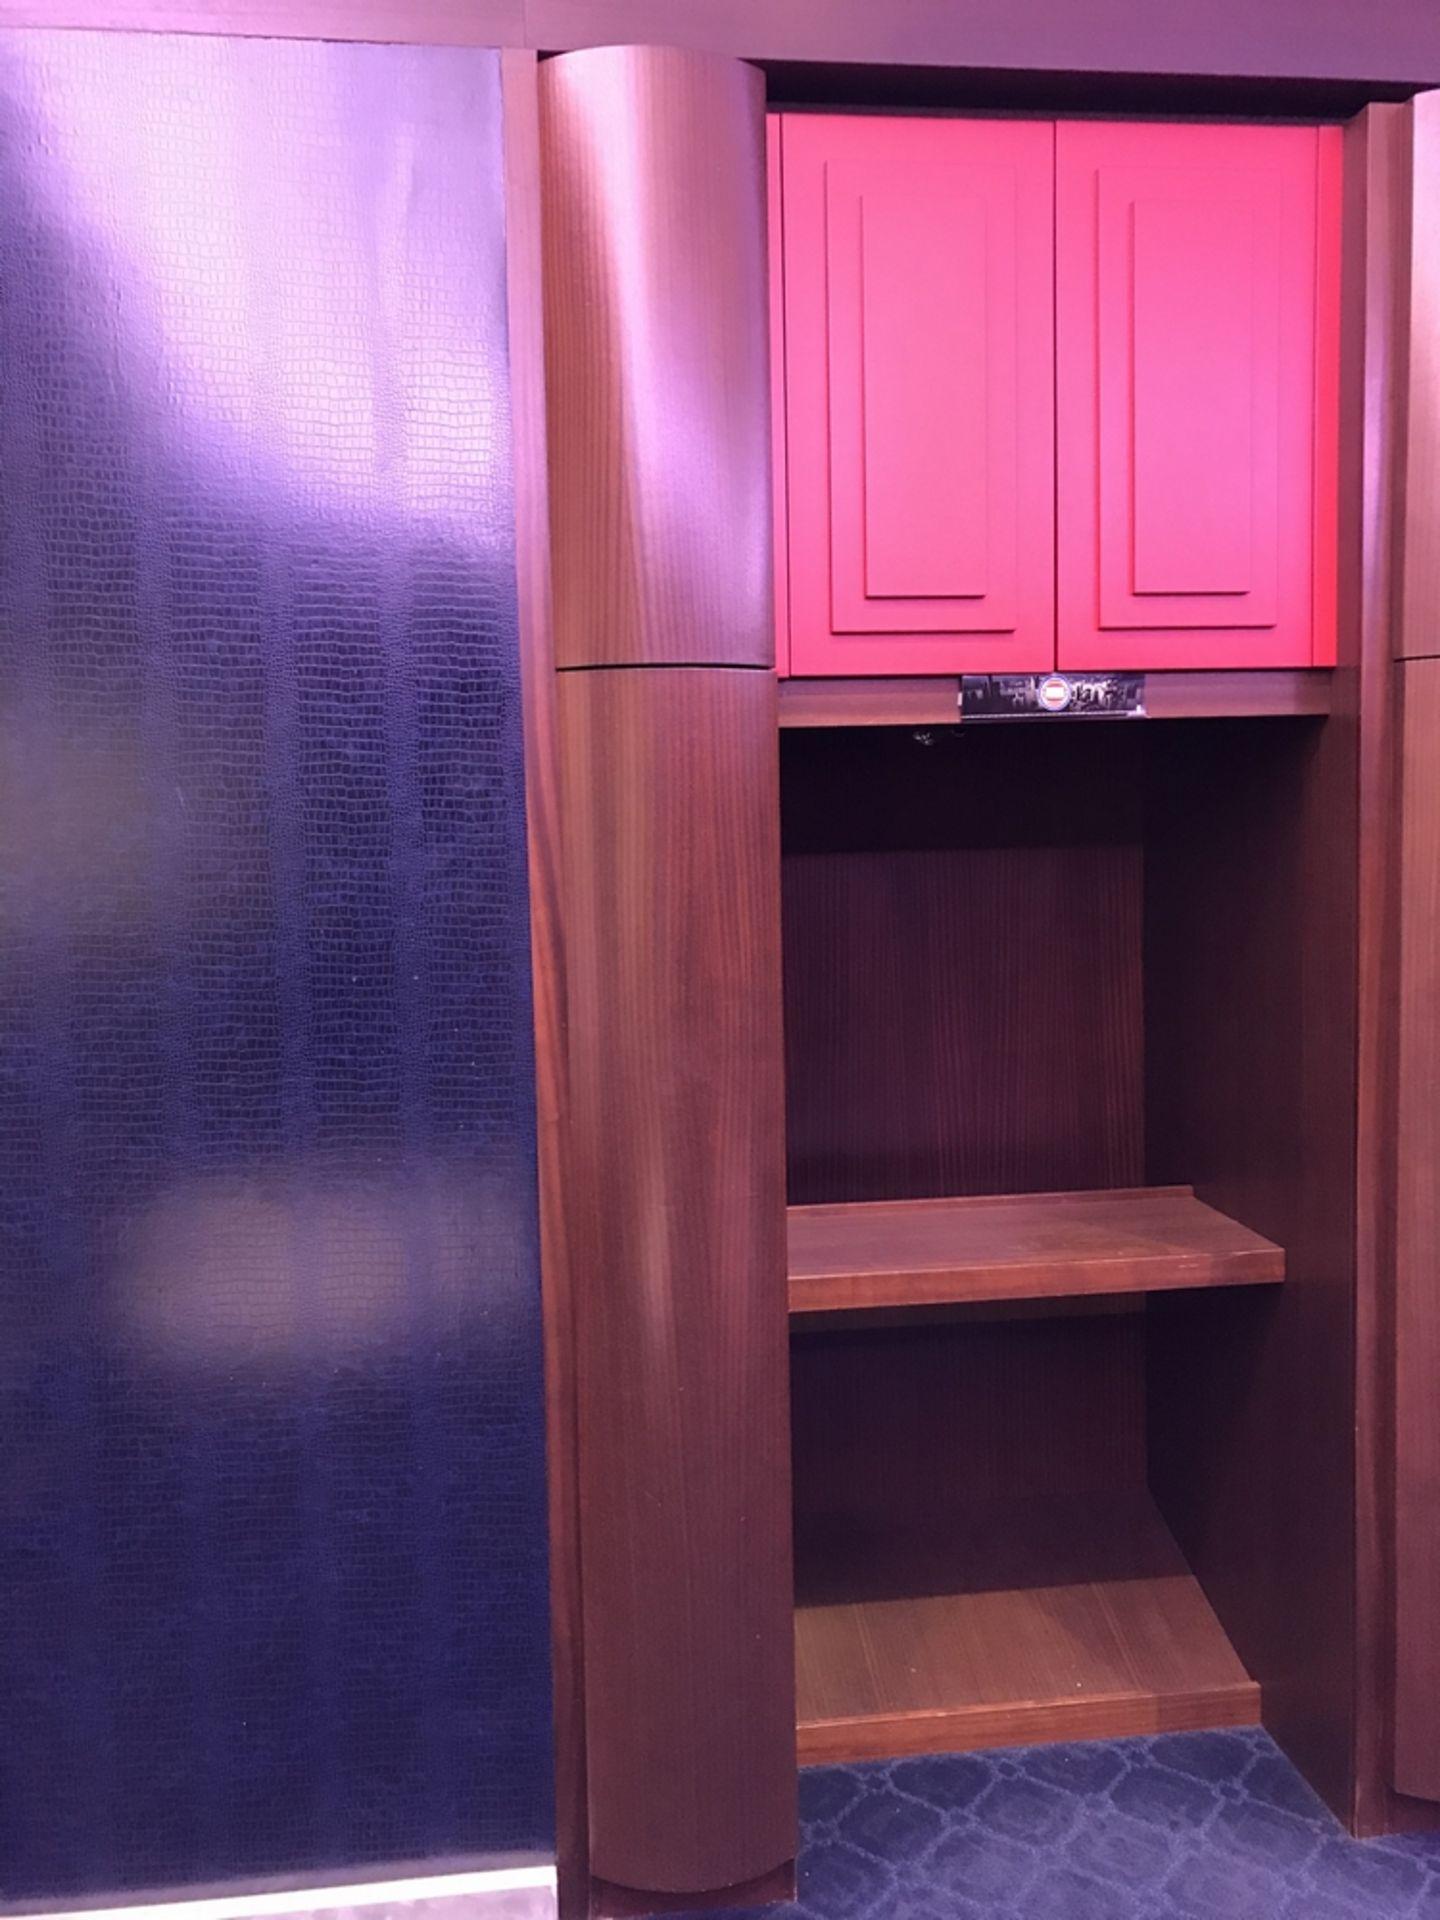 Lot 16 - Piston Player Locker , Dim. 63 in w x 107 in h x 35 in d , Location: Locker Room ***Note from